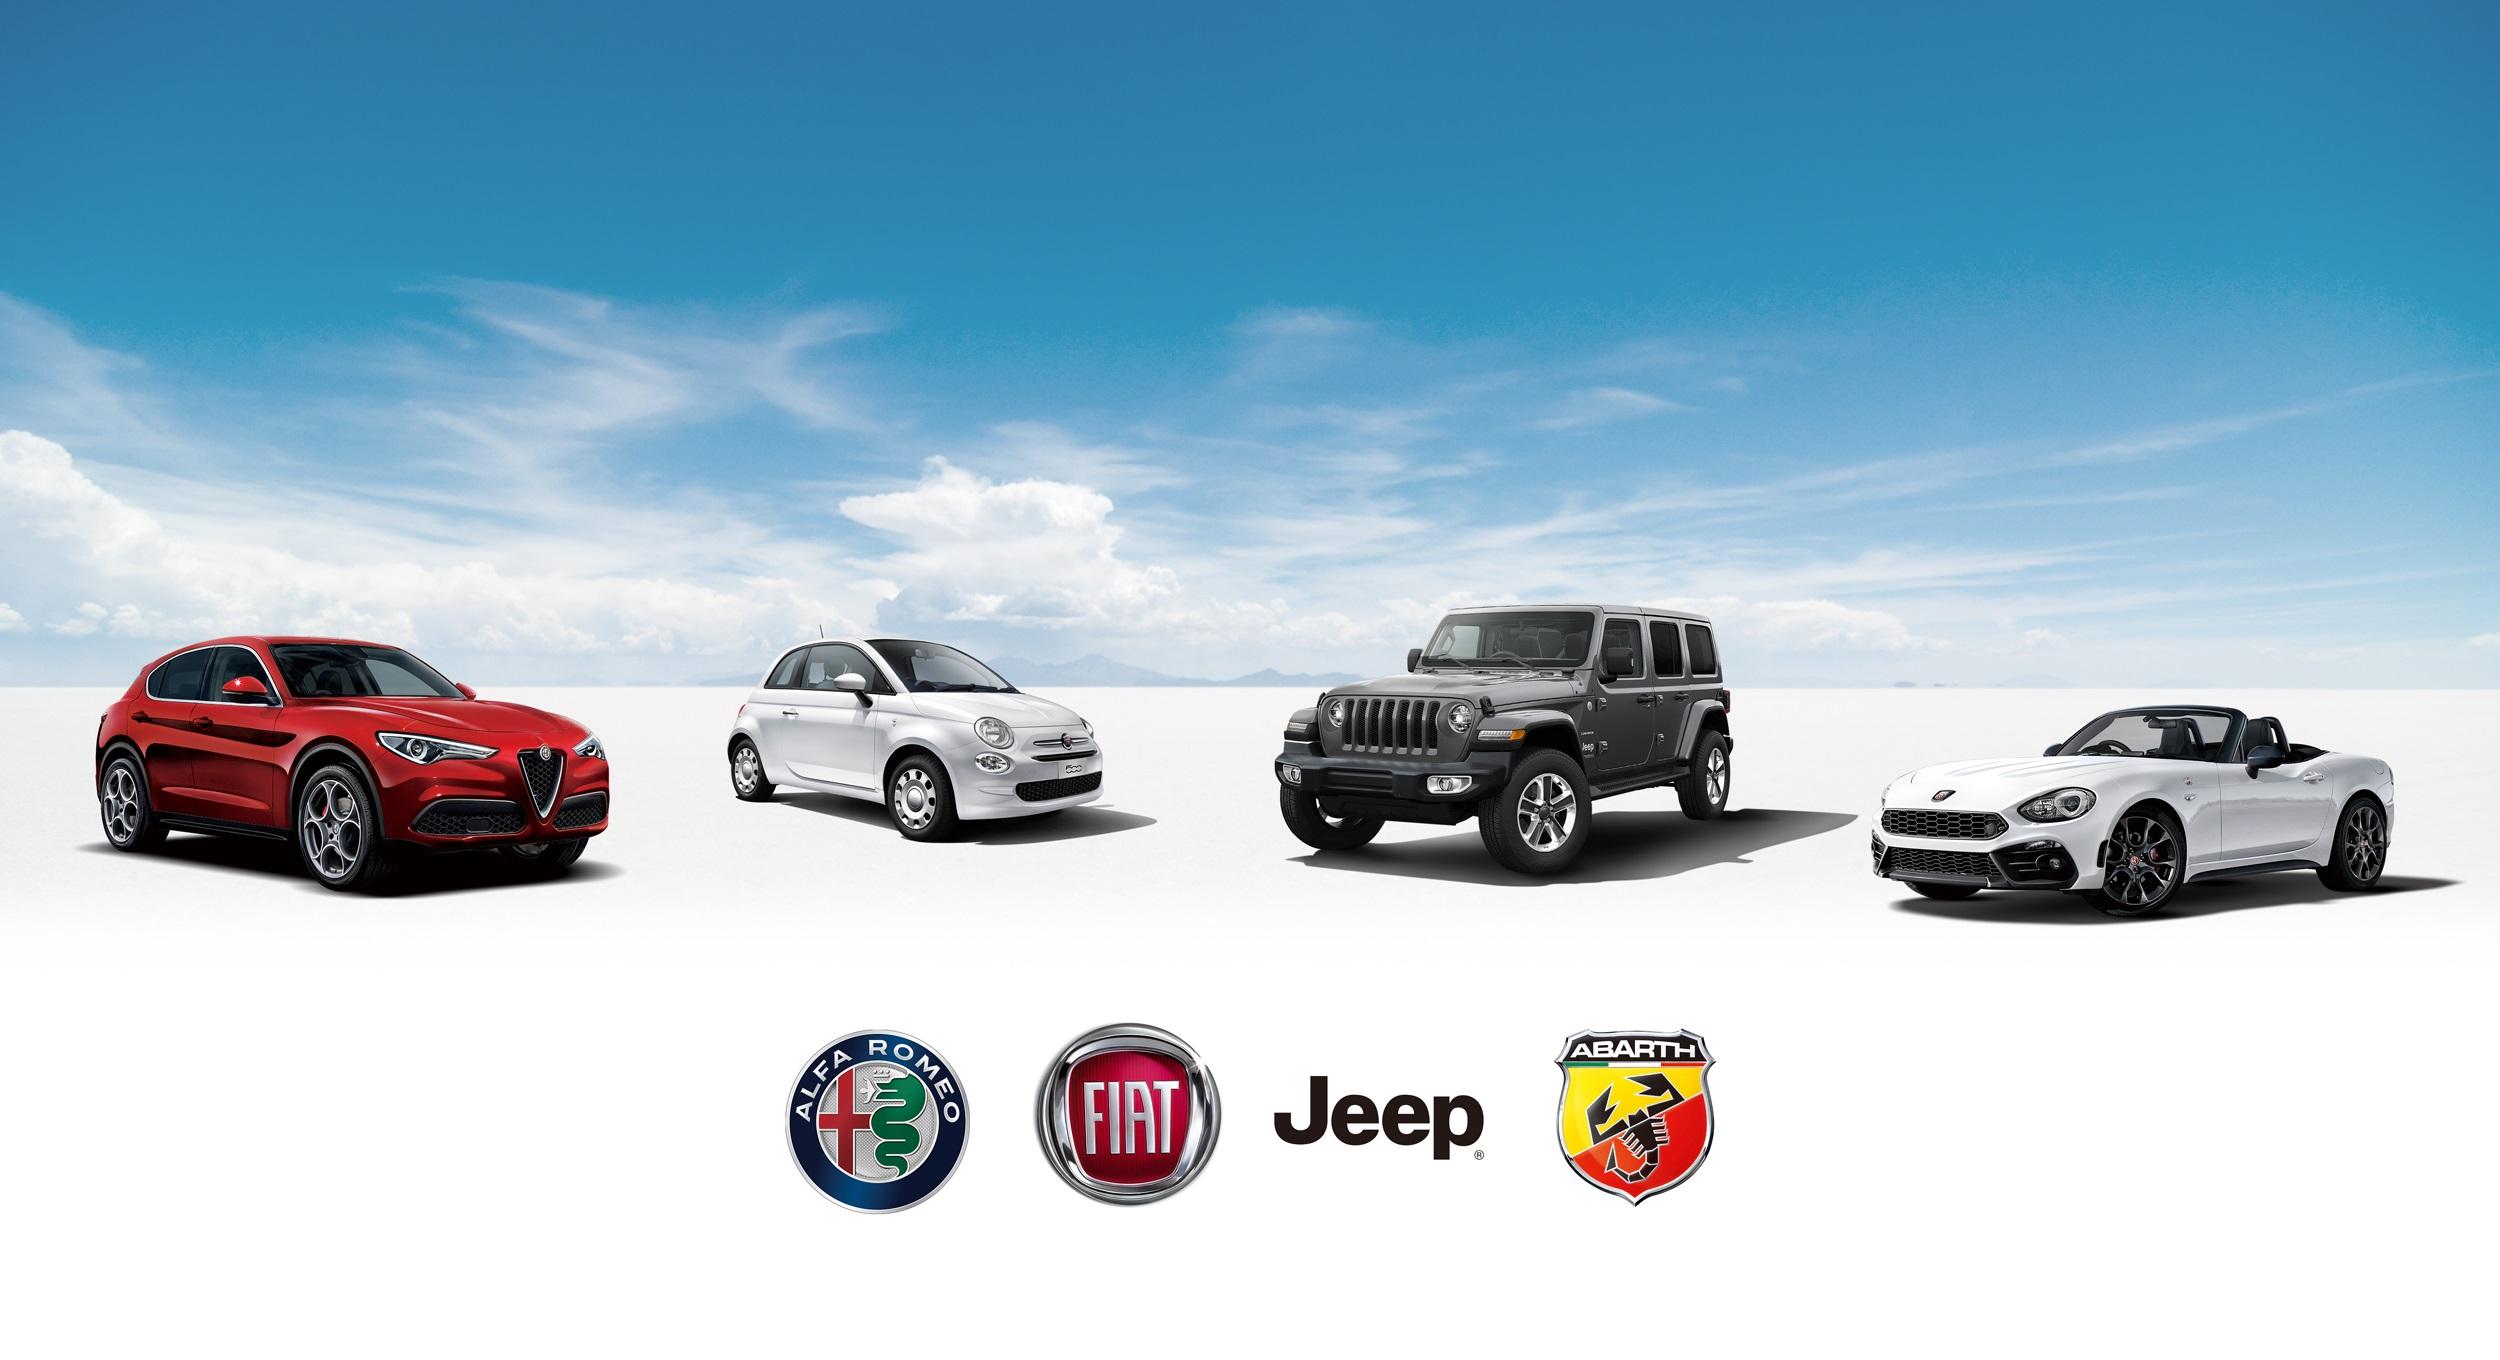 アルファ ロメオ、フィアット、アバルト、ジープの全車種で計5 ...